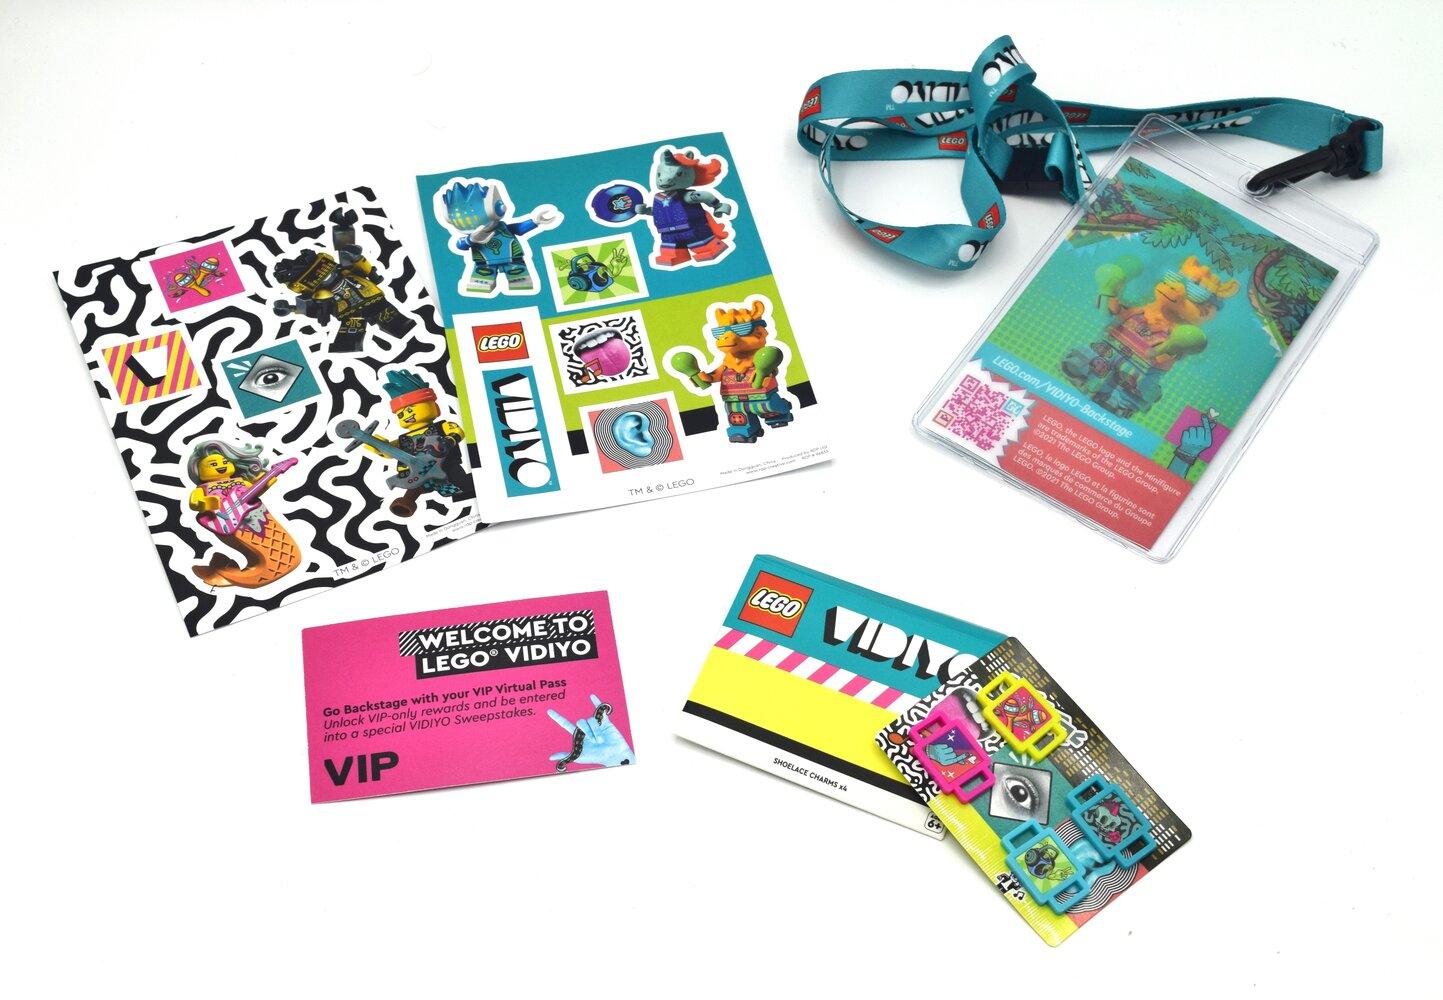 VIDIYO VIP Welcome Pack